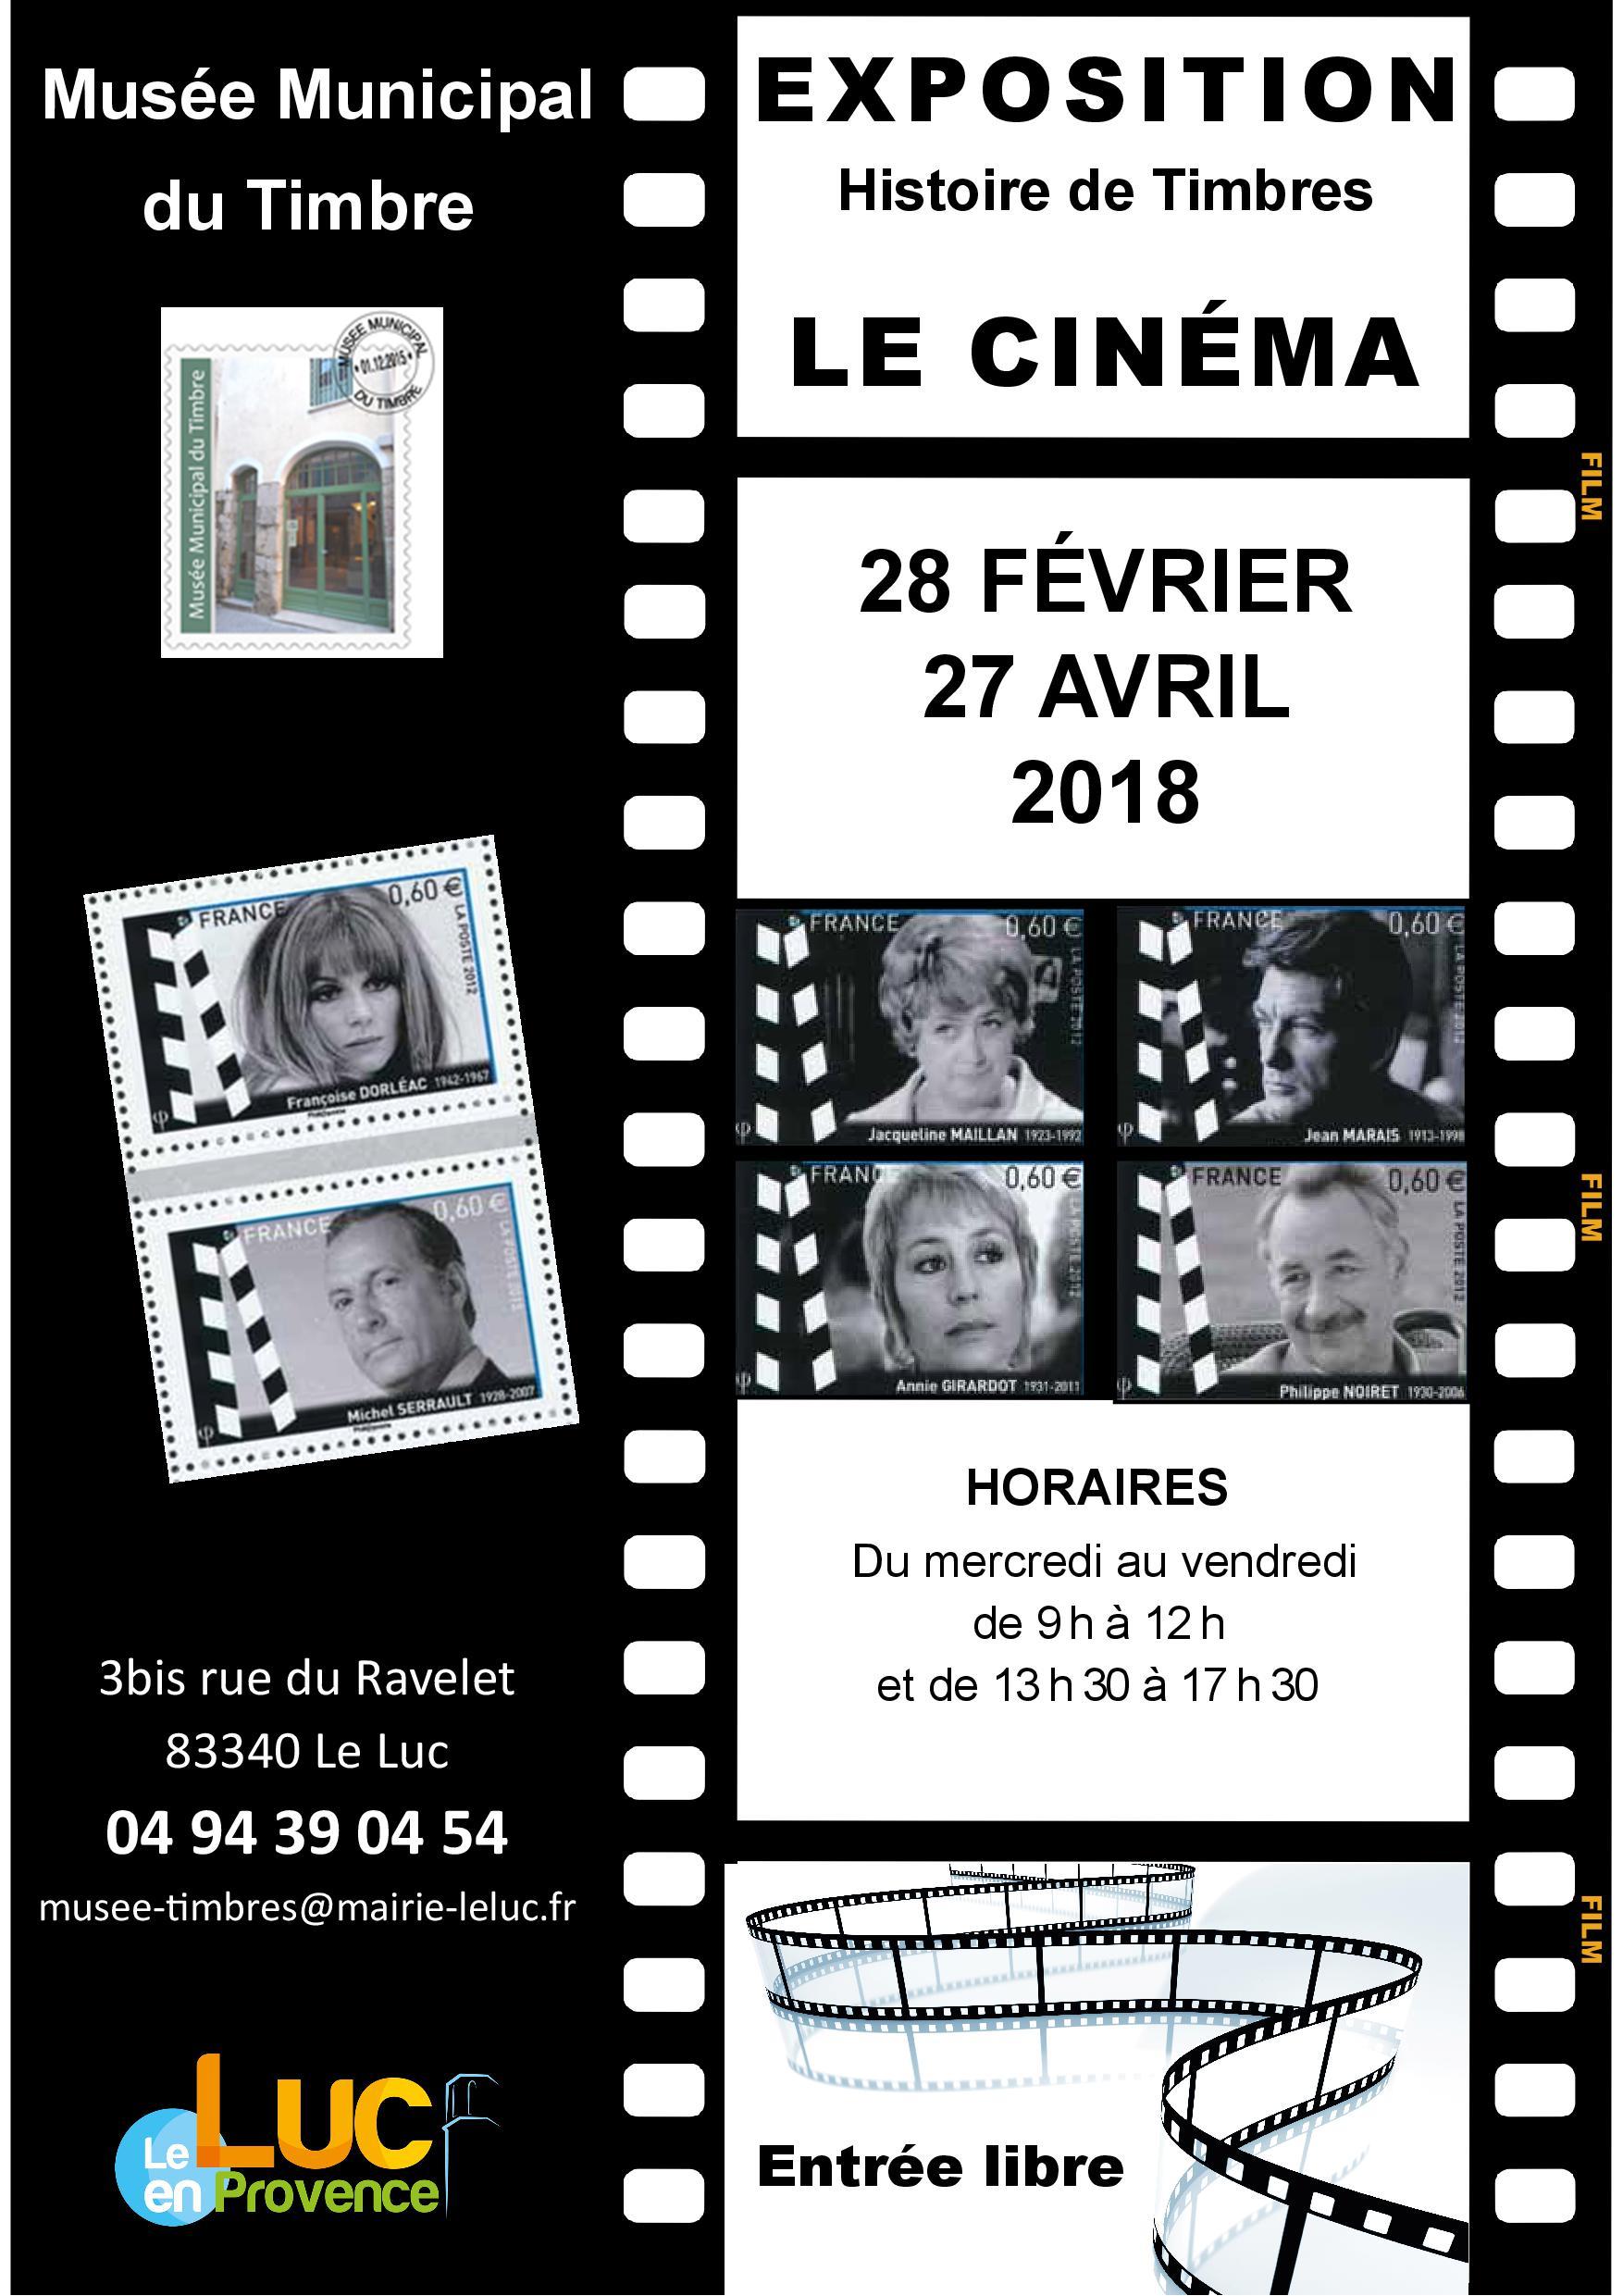 Jusqu'au 27 avril, Exposition « Le cinéma »